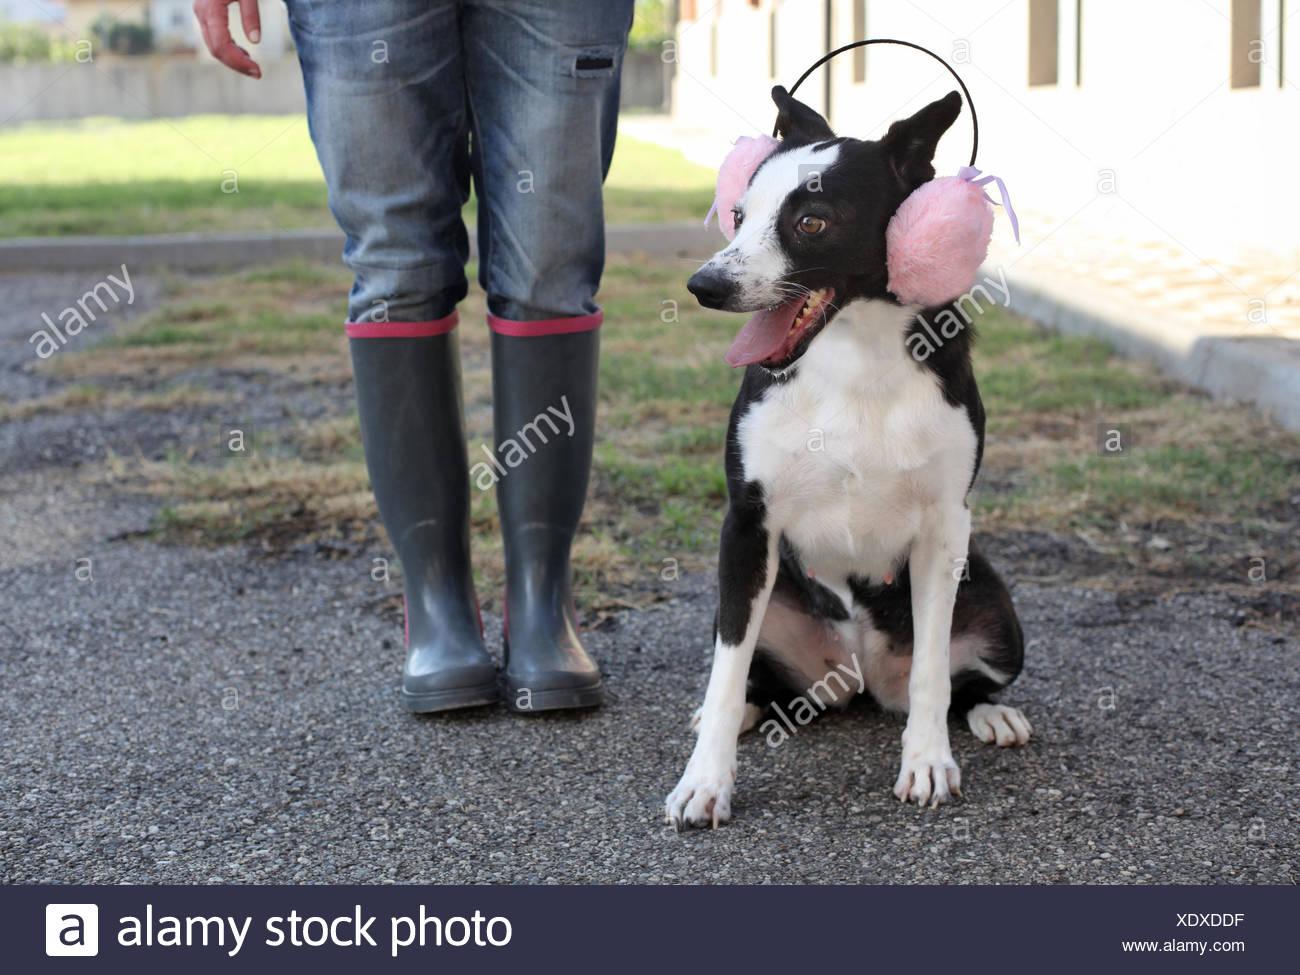 quantité limitée sortie d'usine haute couture Femme debout avec un chien portant des cache-oreilles rose ...